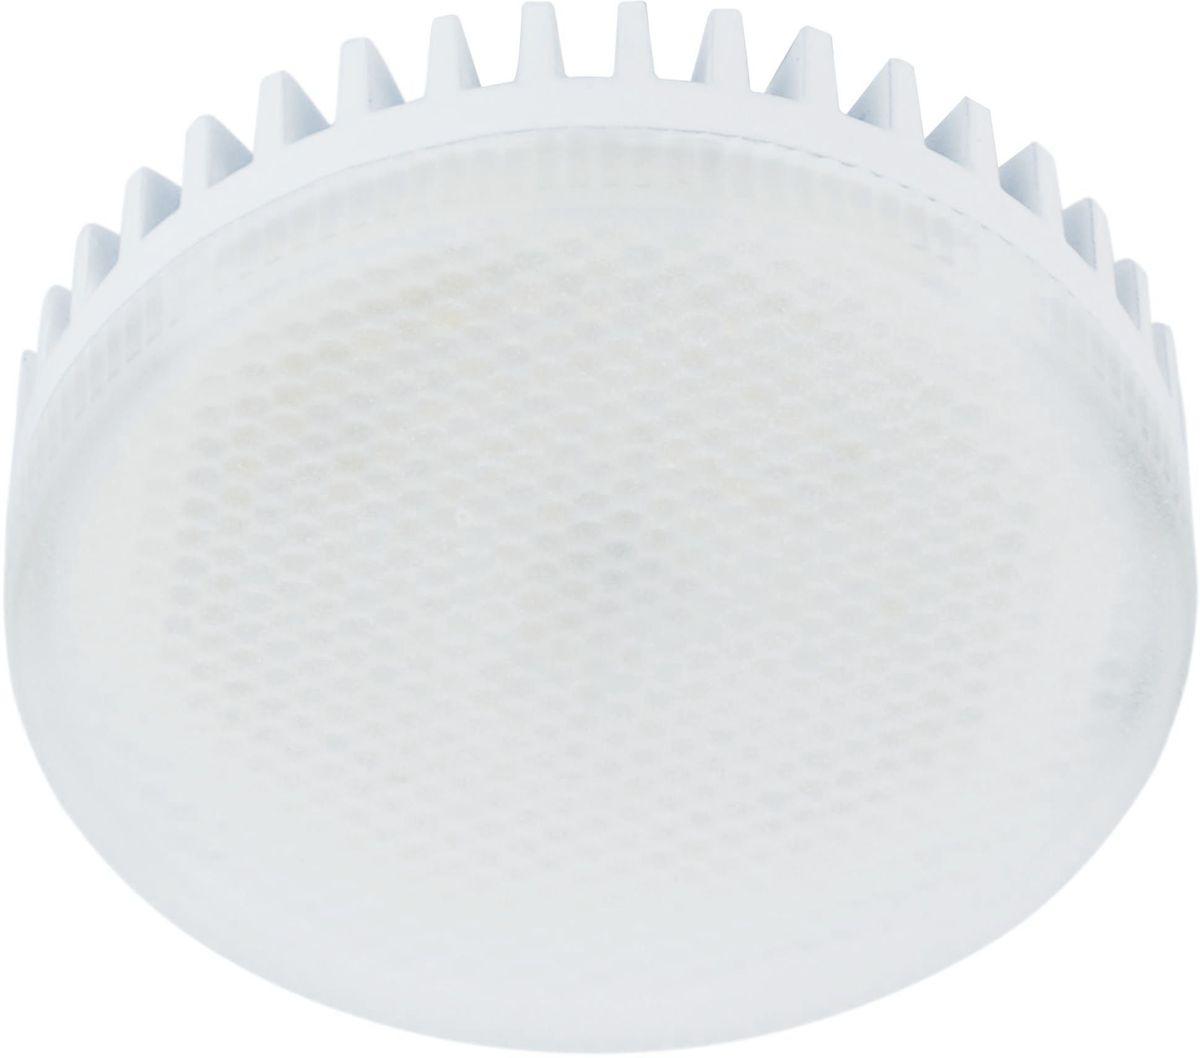 Лампа светодиодная REV, теплый свет, цоколь GX53, 8W. 32 932 9Энергосберегающая светодиодная лампа REV используется как в бытовых осветительных приборах, так и для освещения общественных и служебных помещений. Потребляемая мощность энергосберегающих ламп в 5-10 раз ниже, чем у обычных ламп накаливания при той же интенсивности свечения.Энергосберегающая светодиодная лампа в форме шайбы теплого свечения. Интенсивность свечения аналогична обычной лампе накаливания мощностью 75 Вт. Срок службы 30 000 часов. Номинальное напряжение 220-240 В.